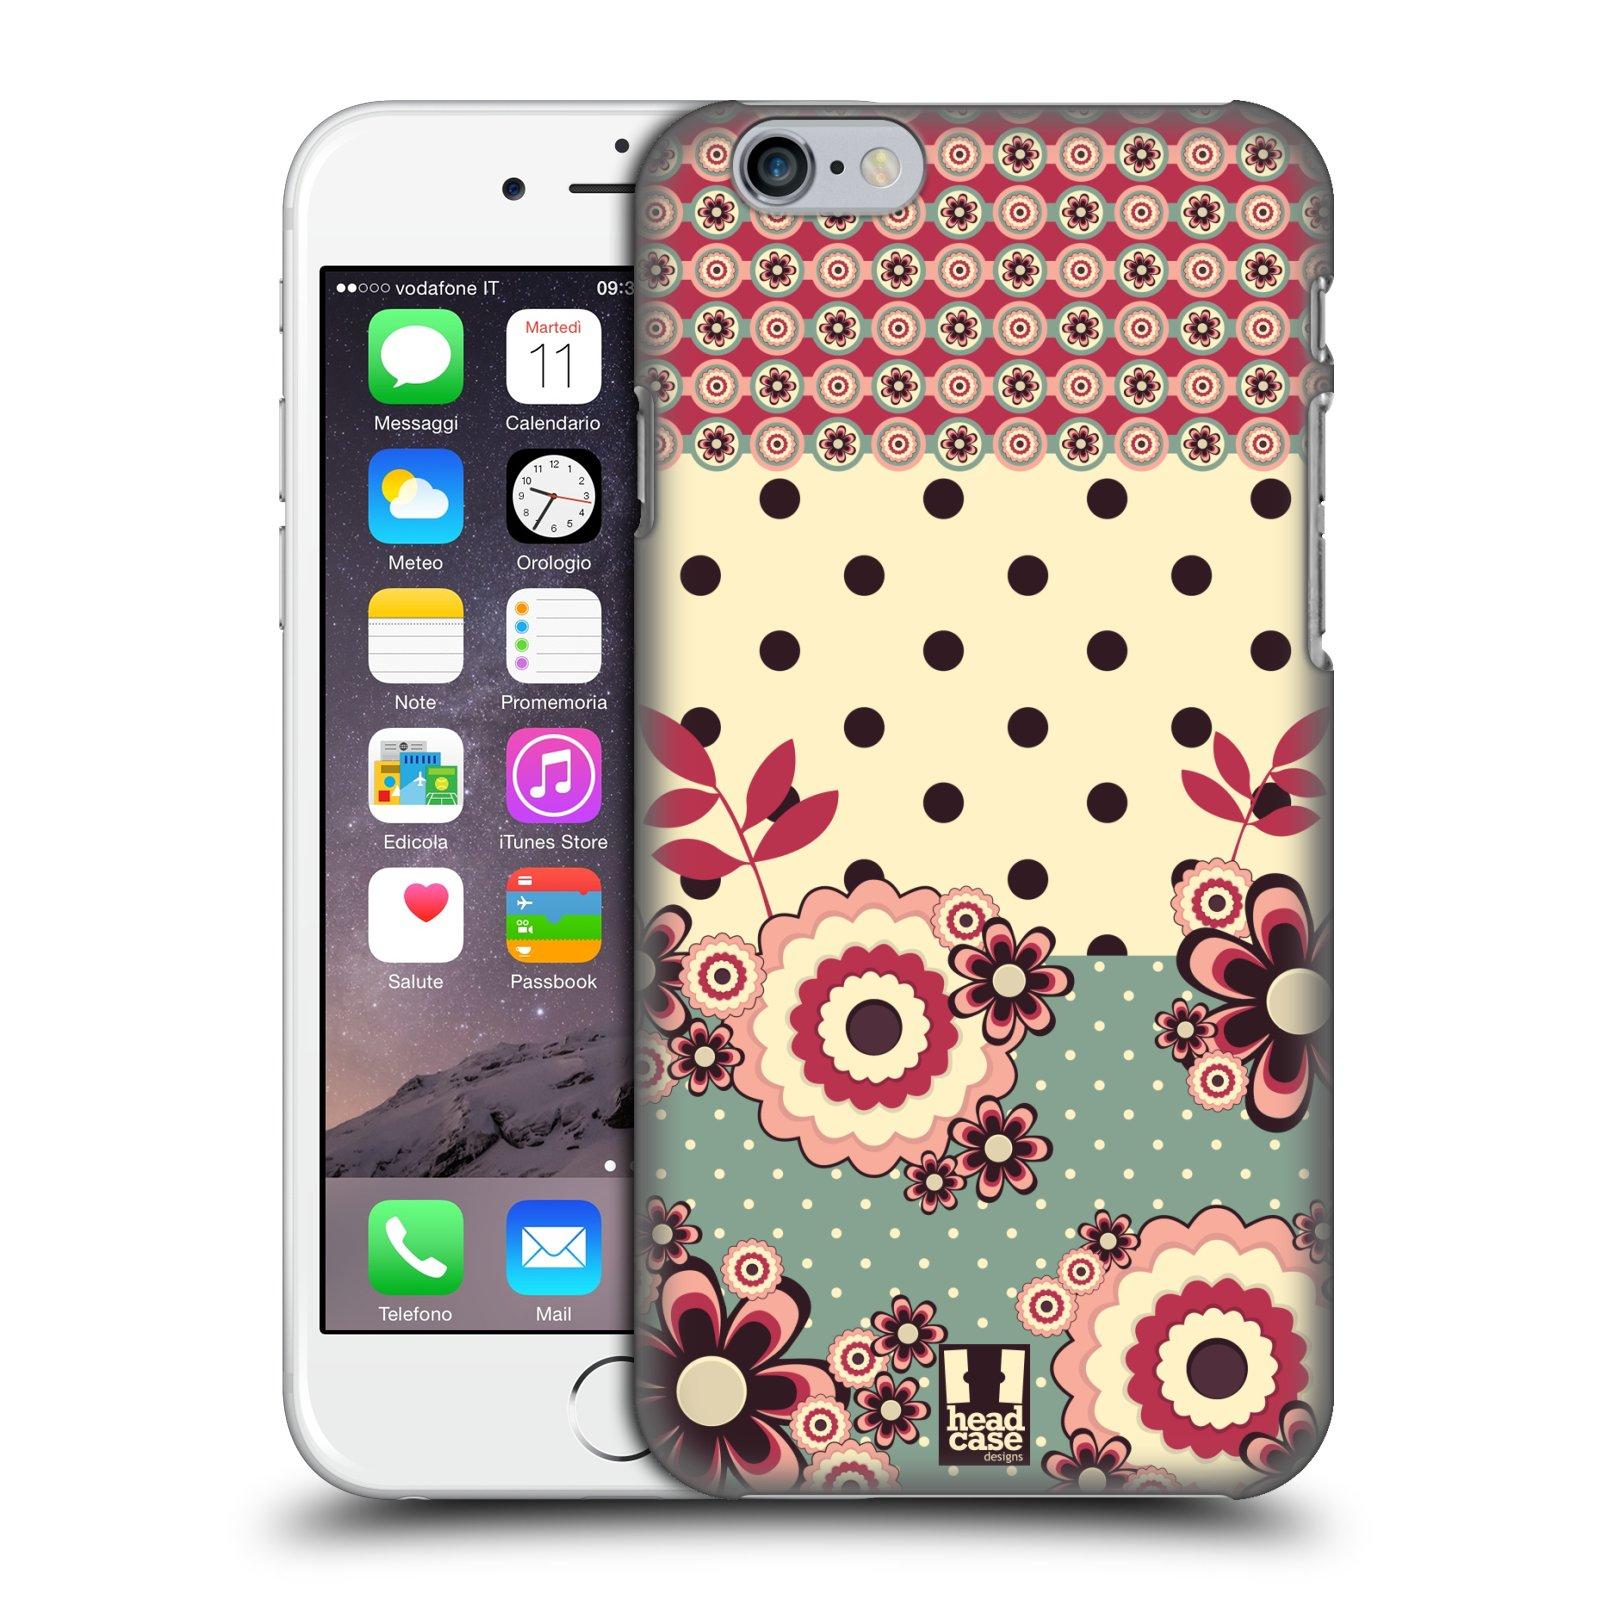 Plastové pouzdro na mobil Apple iPhone 6 a 6S HEAD CASE KVÍTKA PINK CREAM (Kryt či obal na mobilní telefon Apple iPhone 6 a 6S)